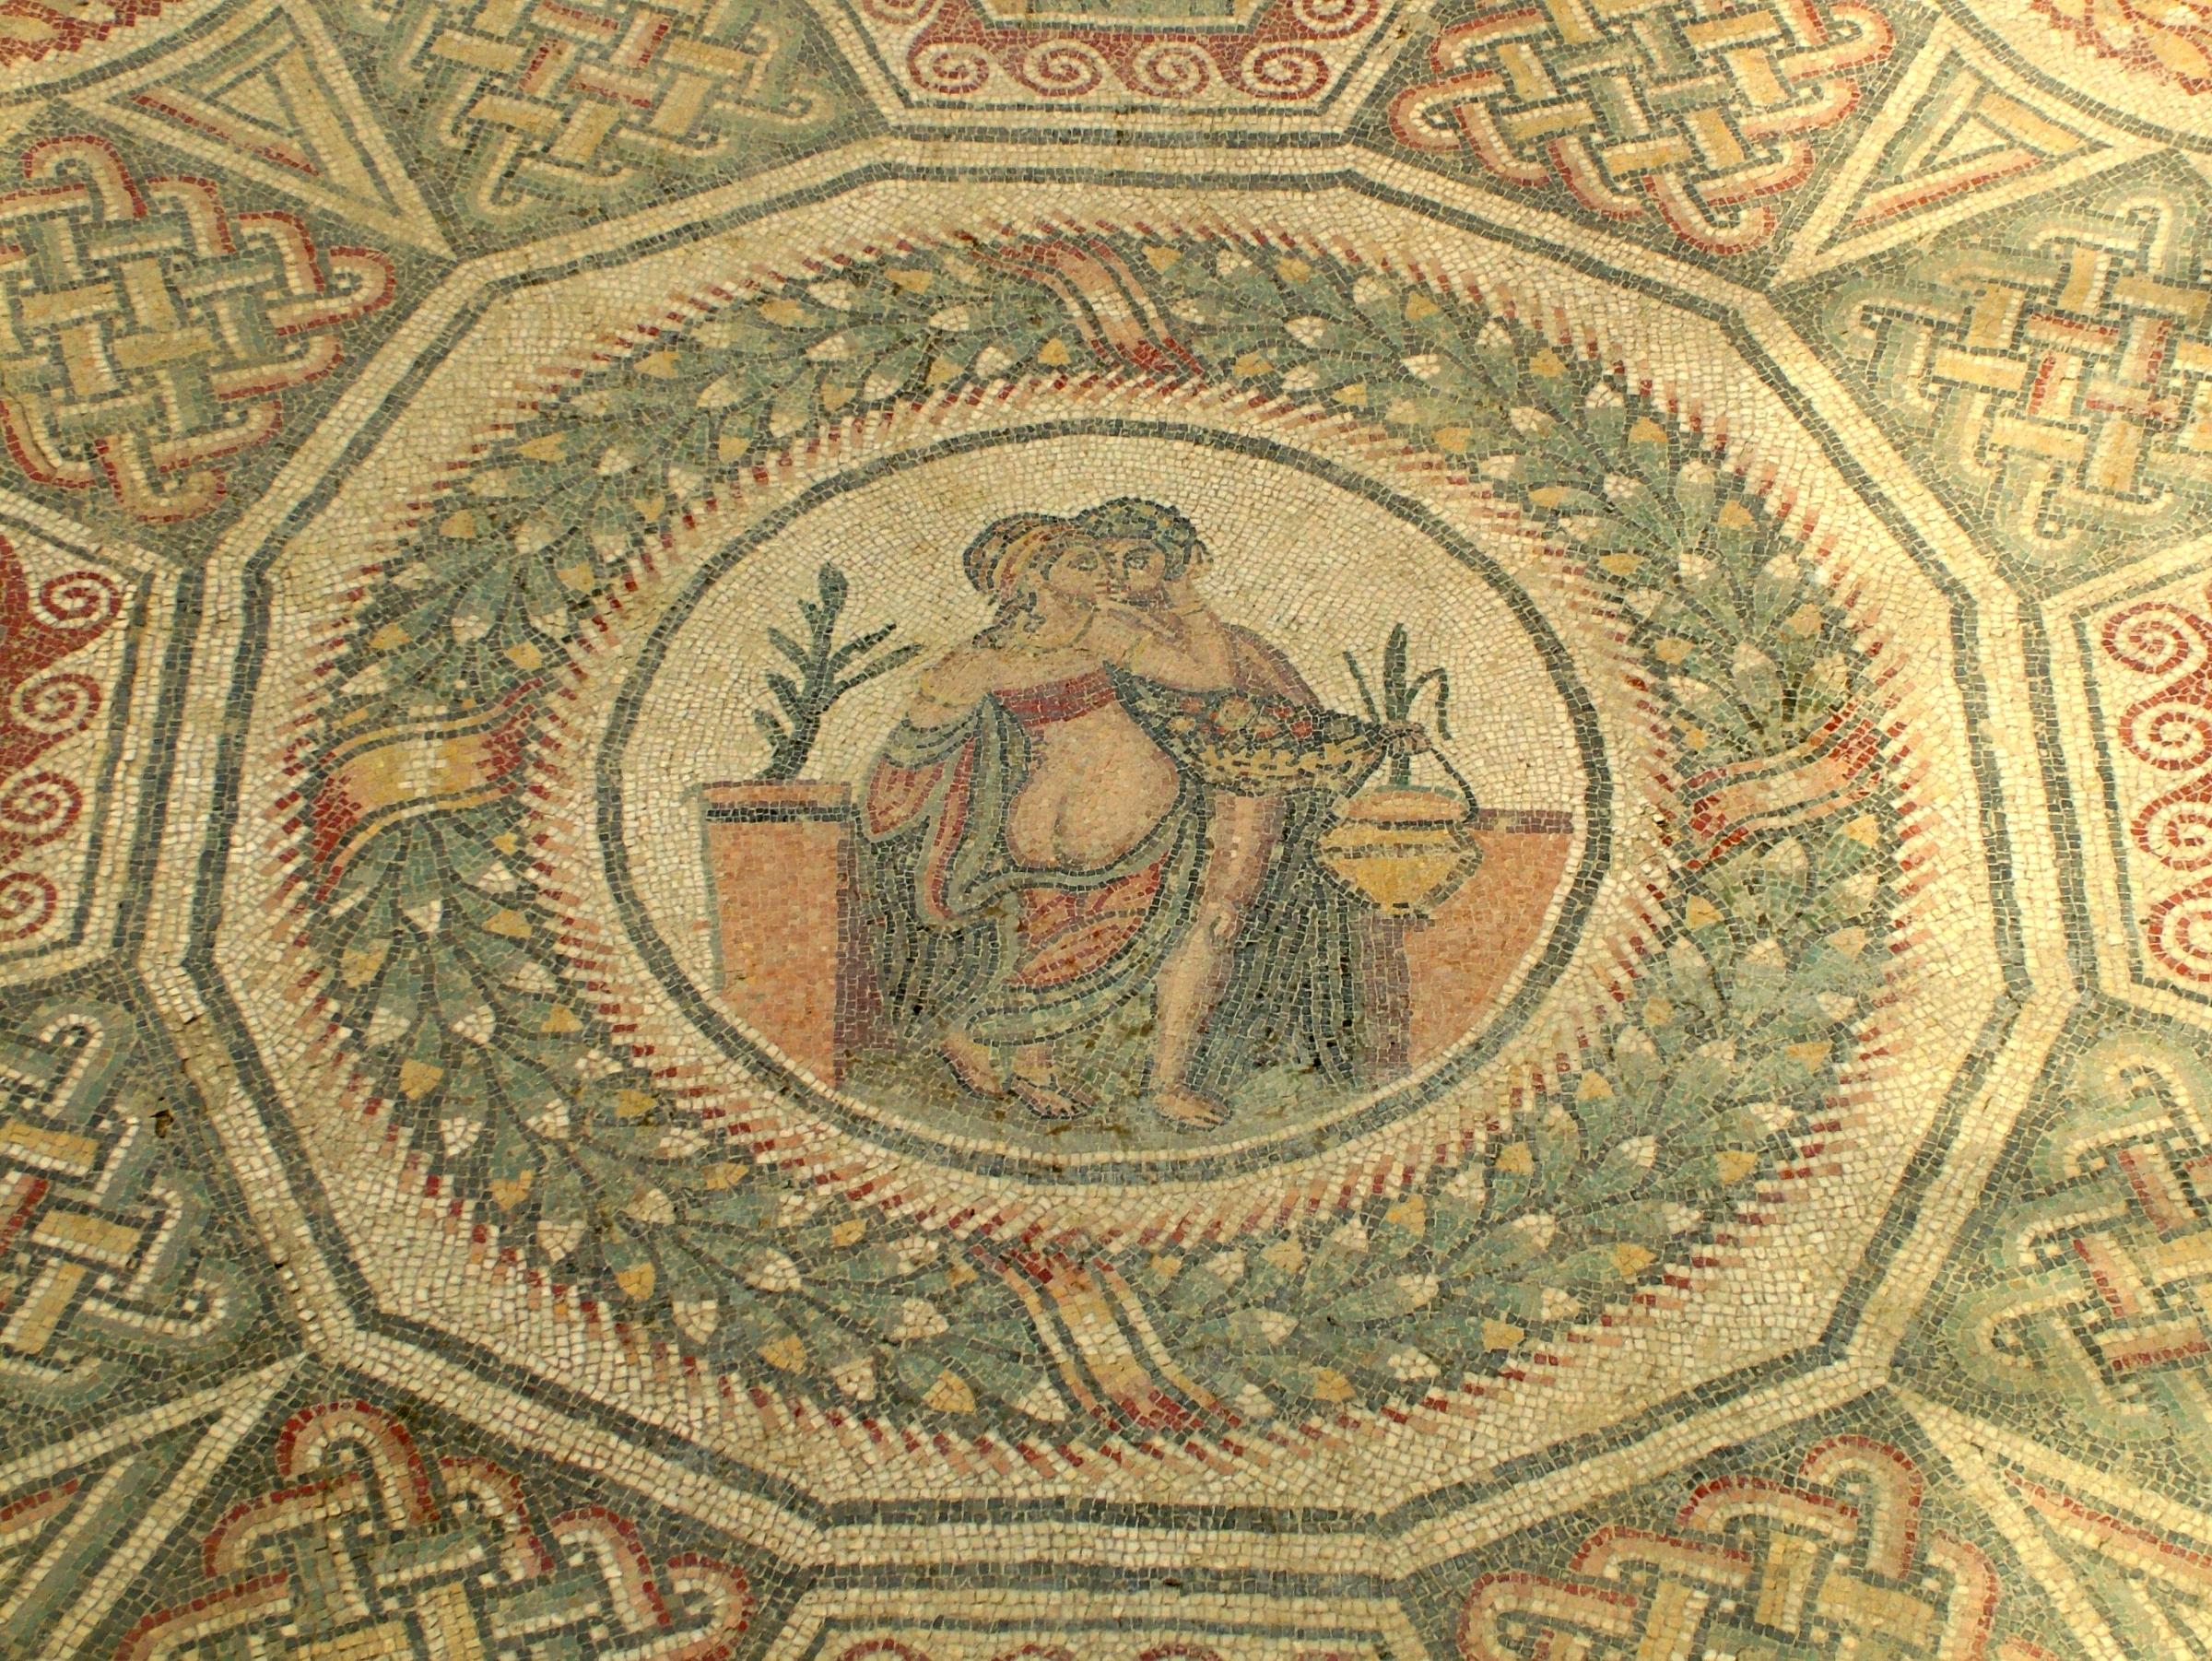 Villa romana del Casale - Wikiwand